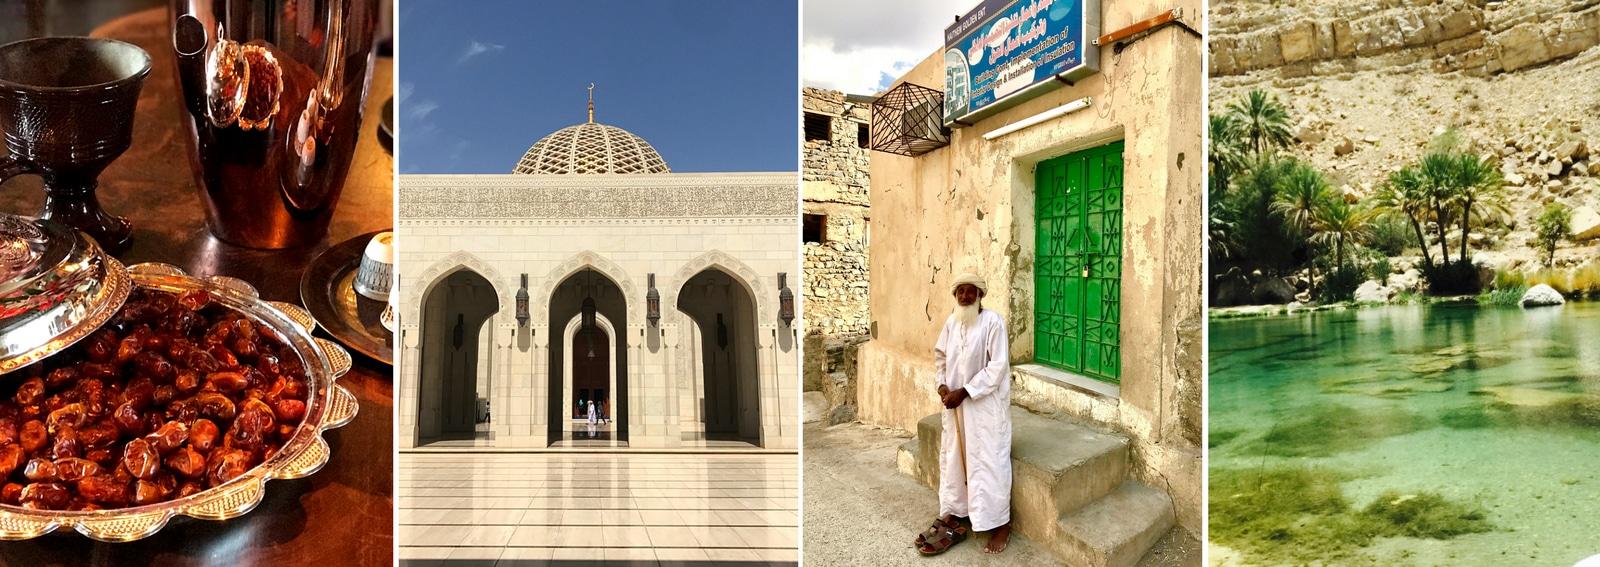 Viaggio in Oman destinazione 2018 paese arabo sicuro tranquillo vacanza mare e scoperta DESK